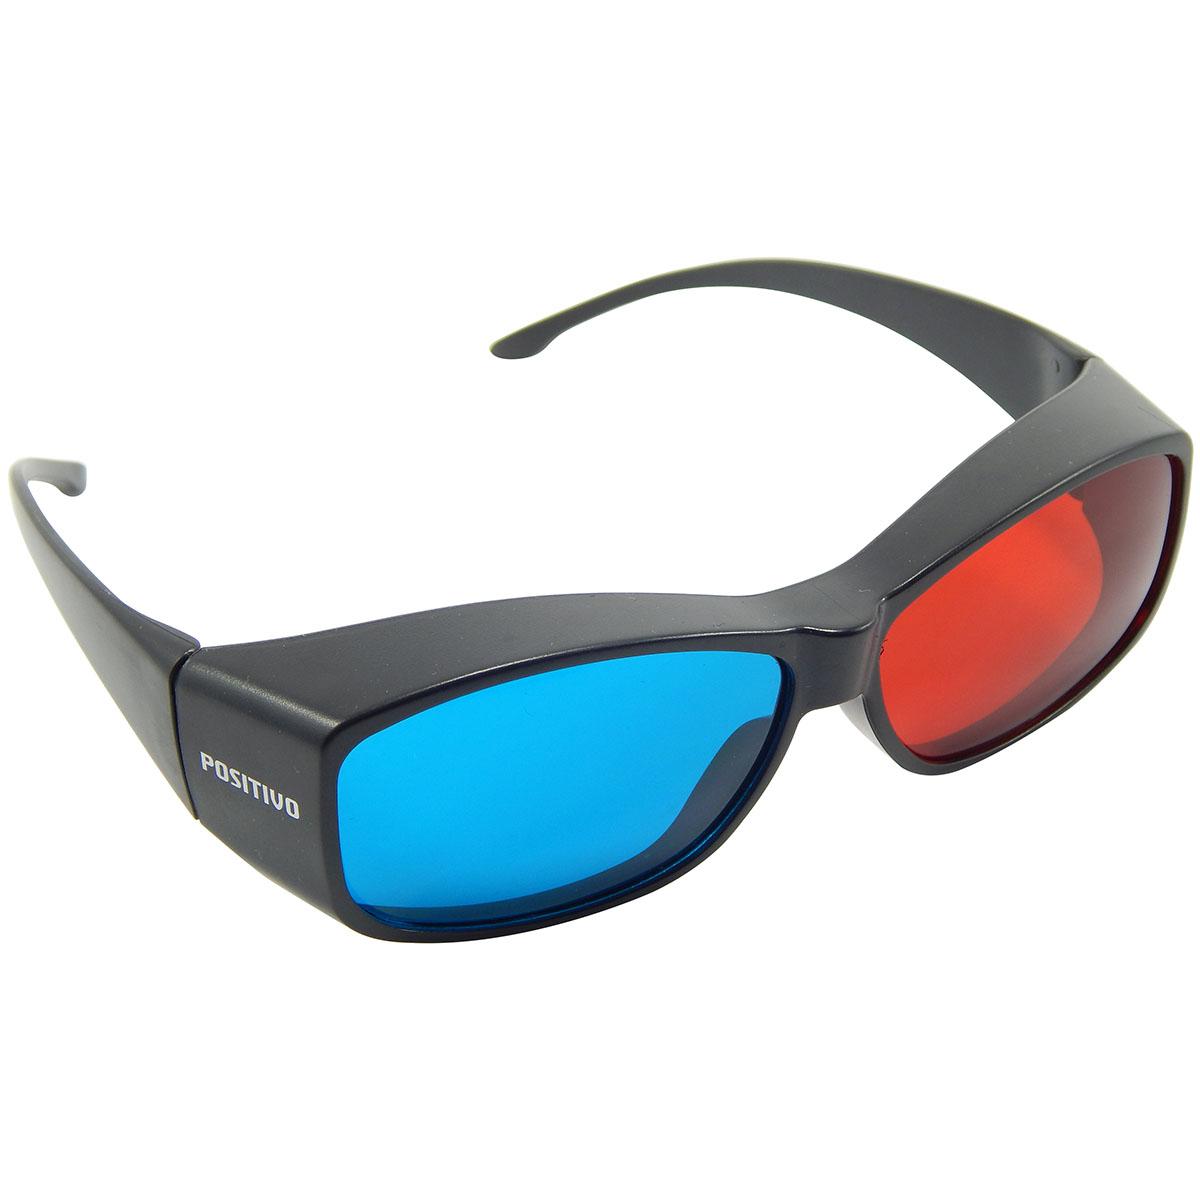 Óculos 3D Positivo Passivo Azul e Vermelho